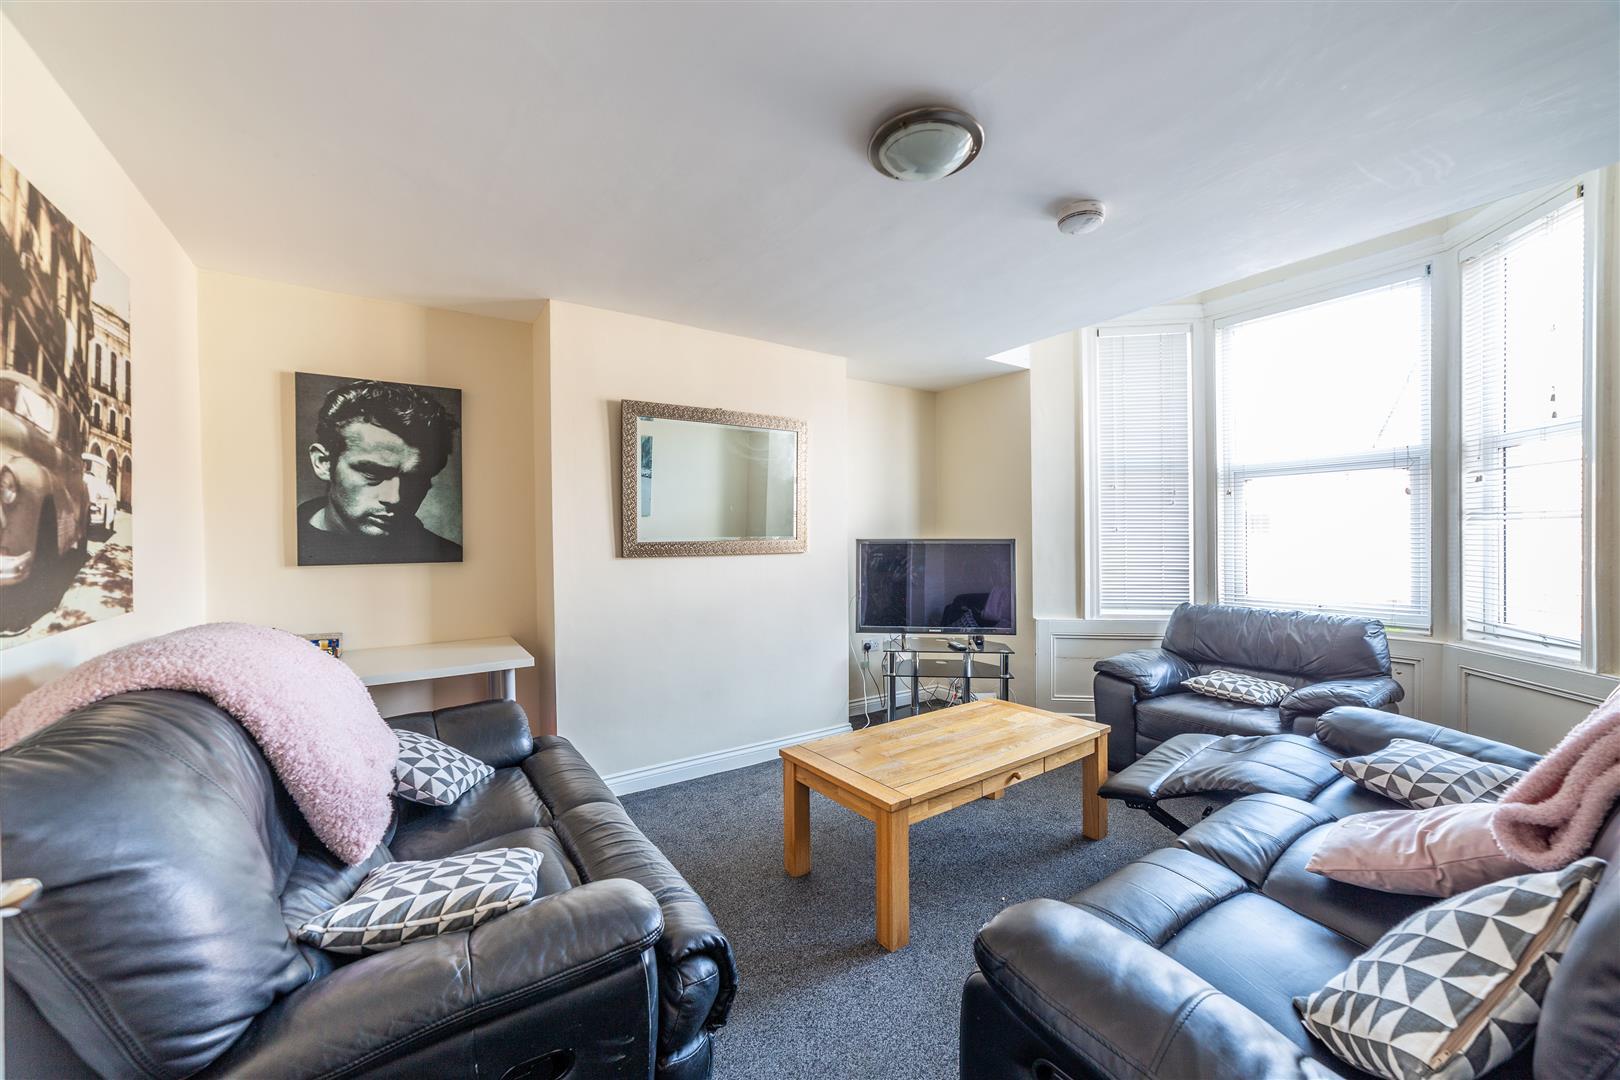 6 bed maisonette to rent in Newcastle Upon Tyne, NE2 3DE, NE2